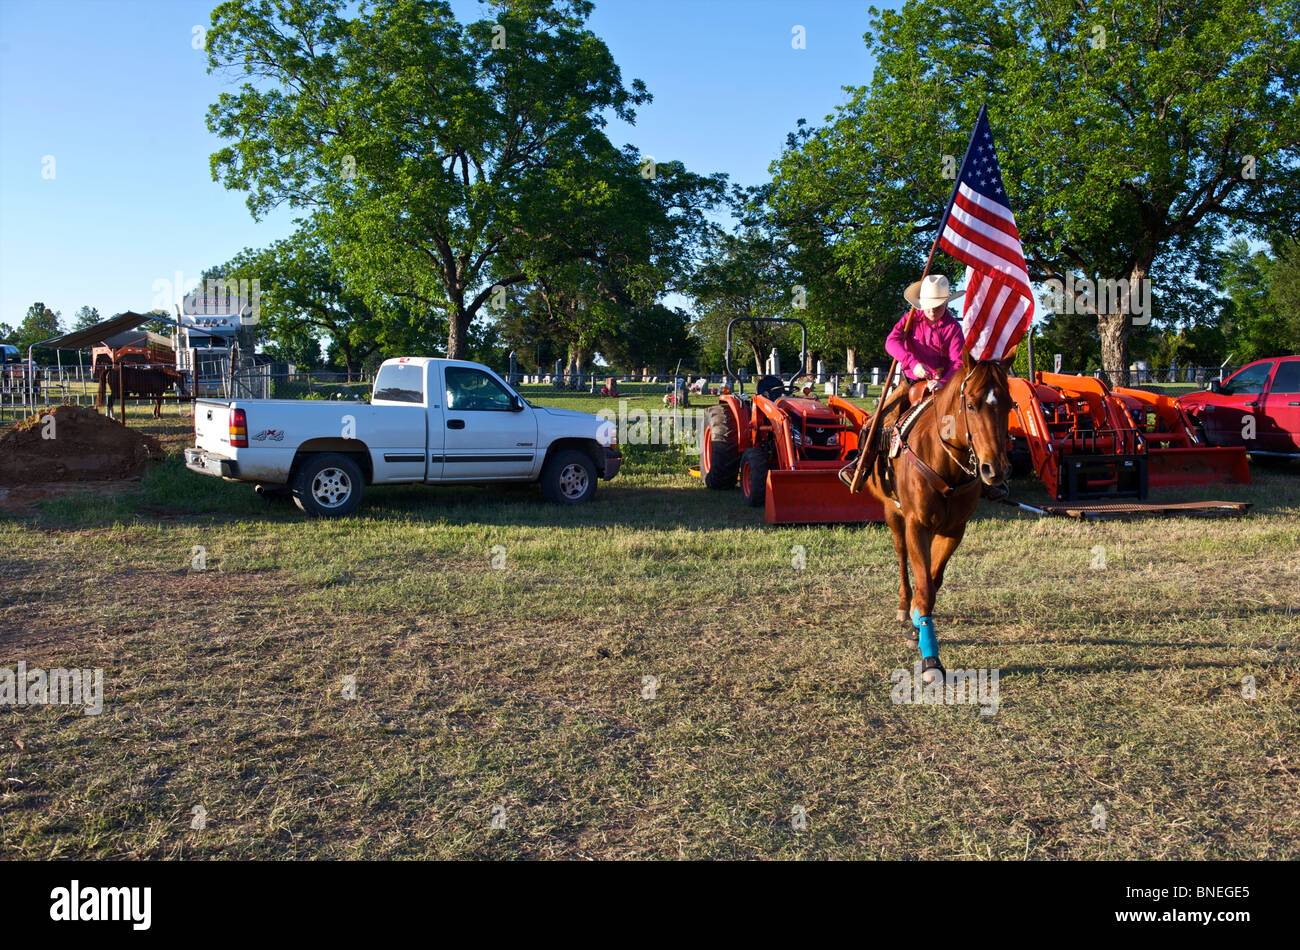 Cowgirl waving flag en bestiaux avant la cérémonie d'ouverture de l'érythroblastopénie événement rodéo au Texas, USA Banque D'Images